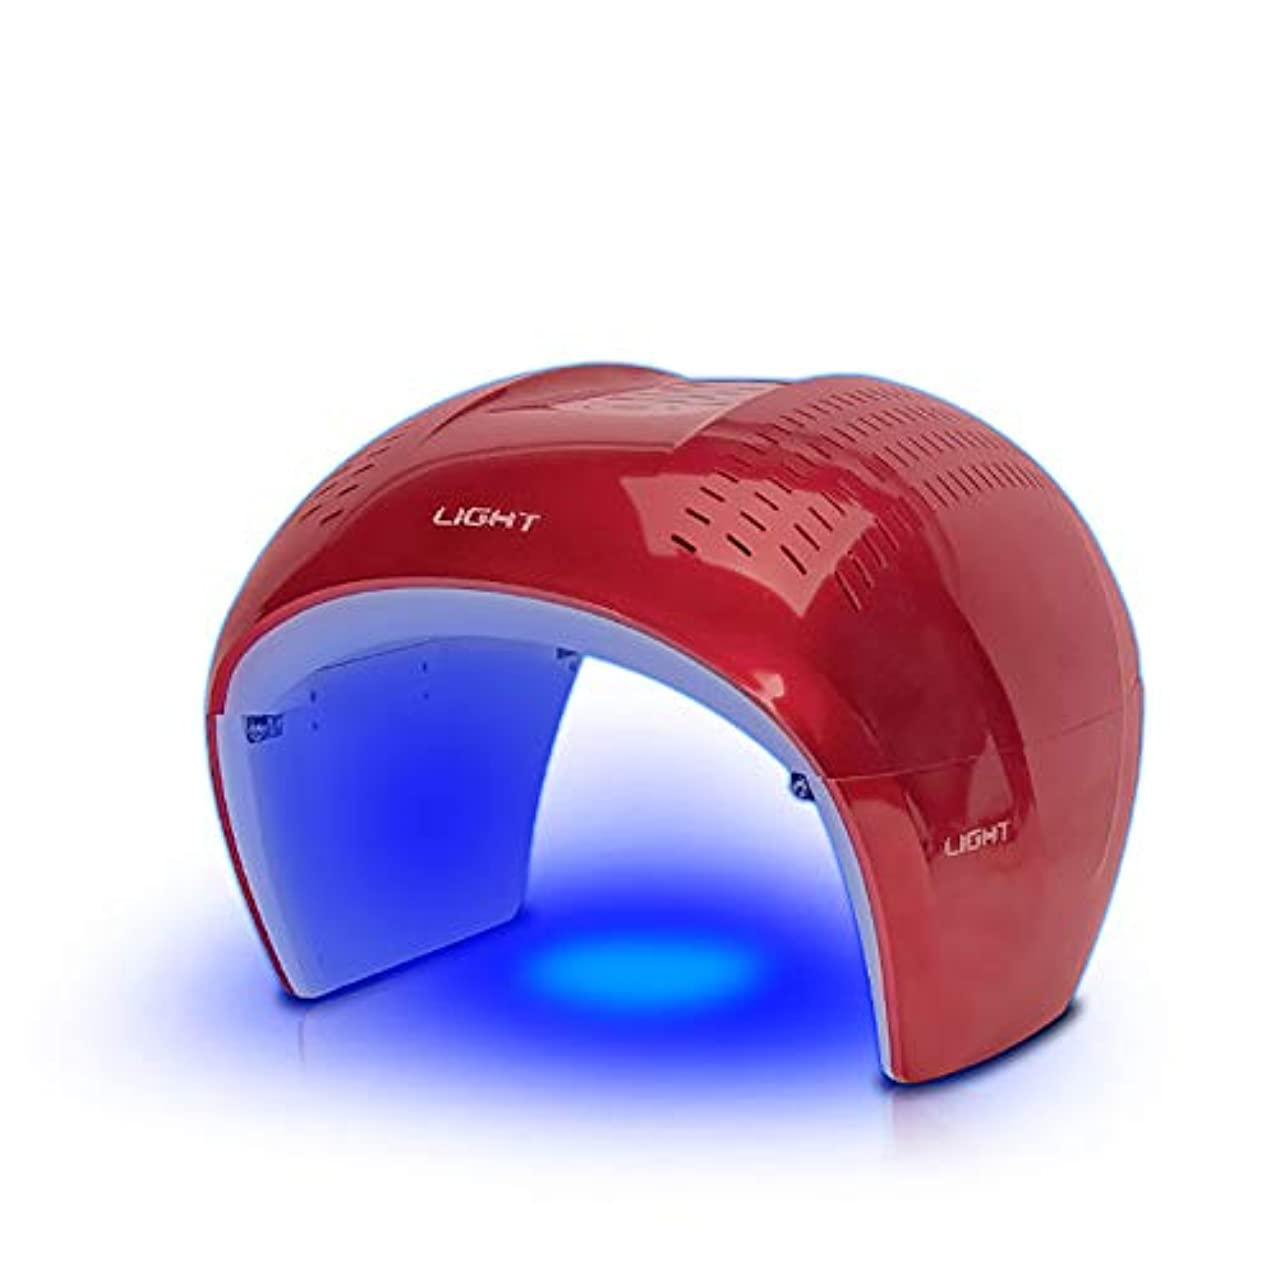 売上高リハーサル打倒7色光療法機led、光光線力学肌の若返りランプ、サロンスパアンチエイジングスキンケアデバイス、フェイシャルマスクマッサージ機